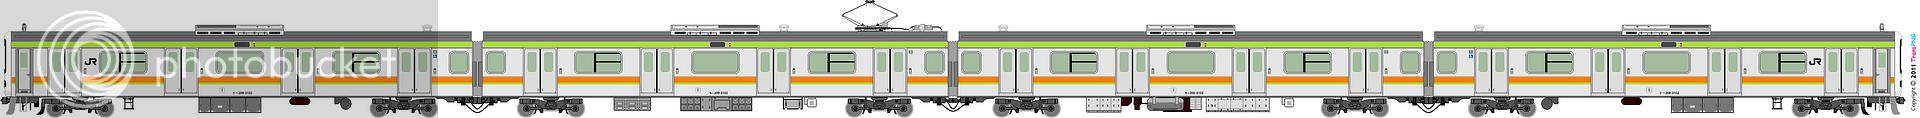 [5540] 東日本旅客鉄道 1940